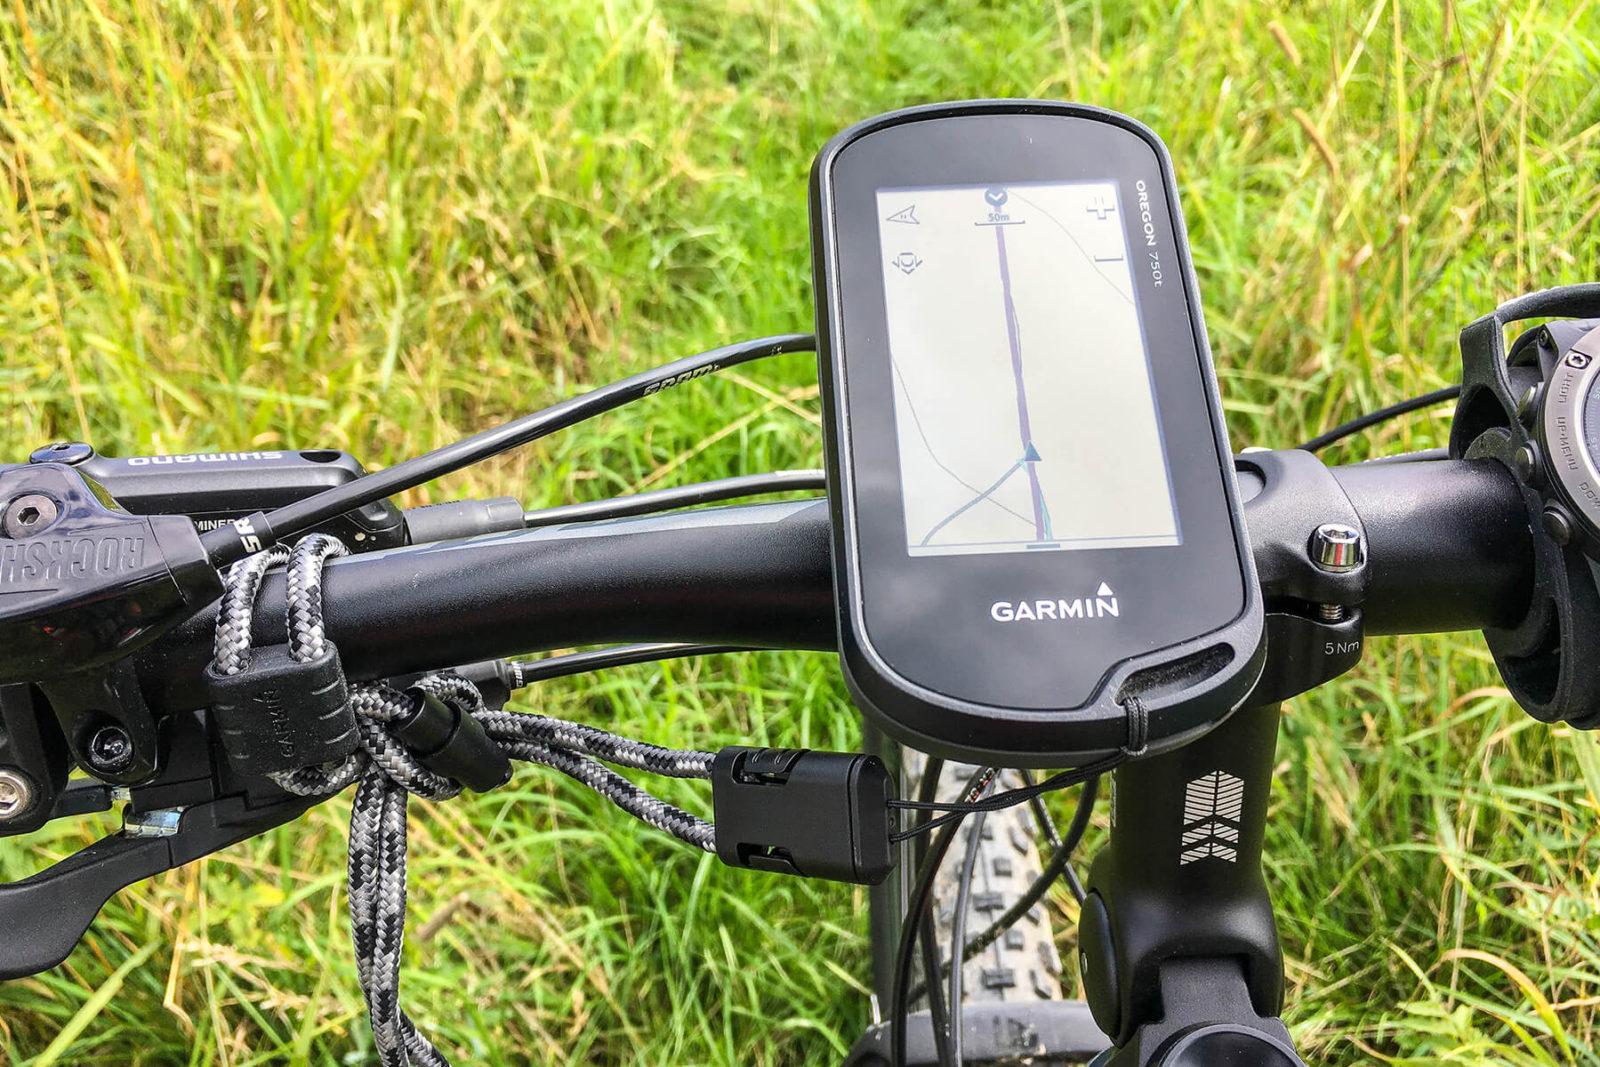 Garmin Oregon 750t Fahrradhalterung - Montage am Mountain Bike